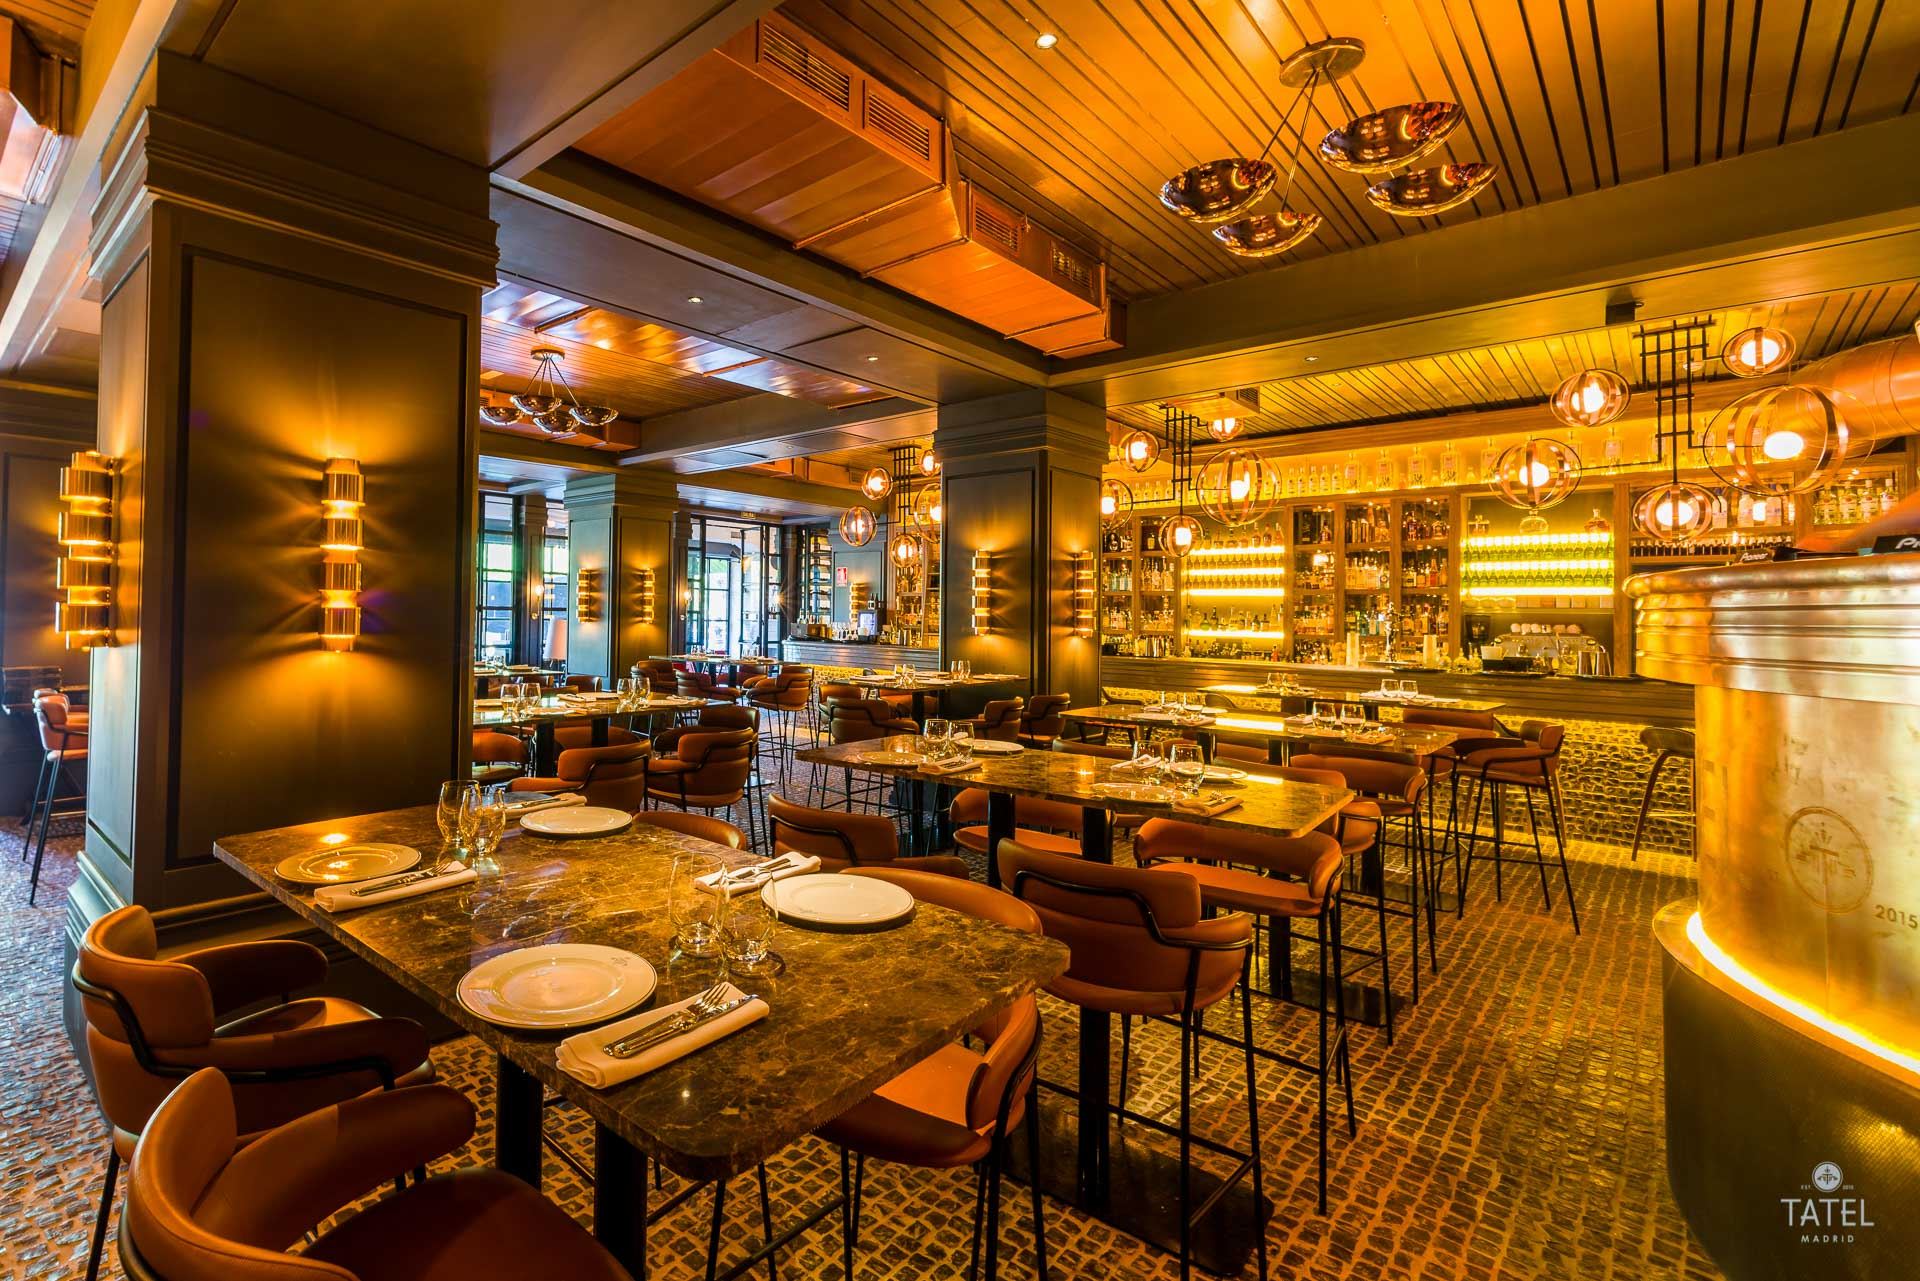 Enrique Iglesias y Rafael Nadal inauguran restaurante en Miami